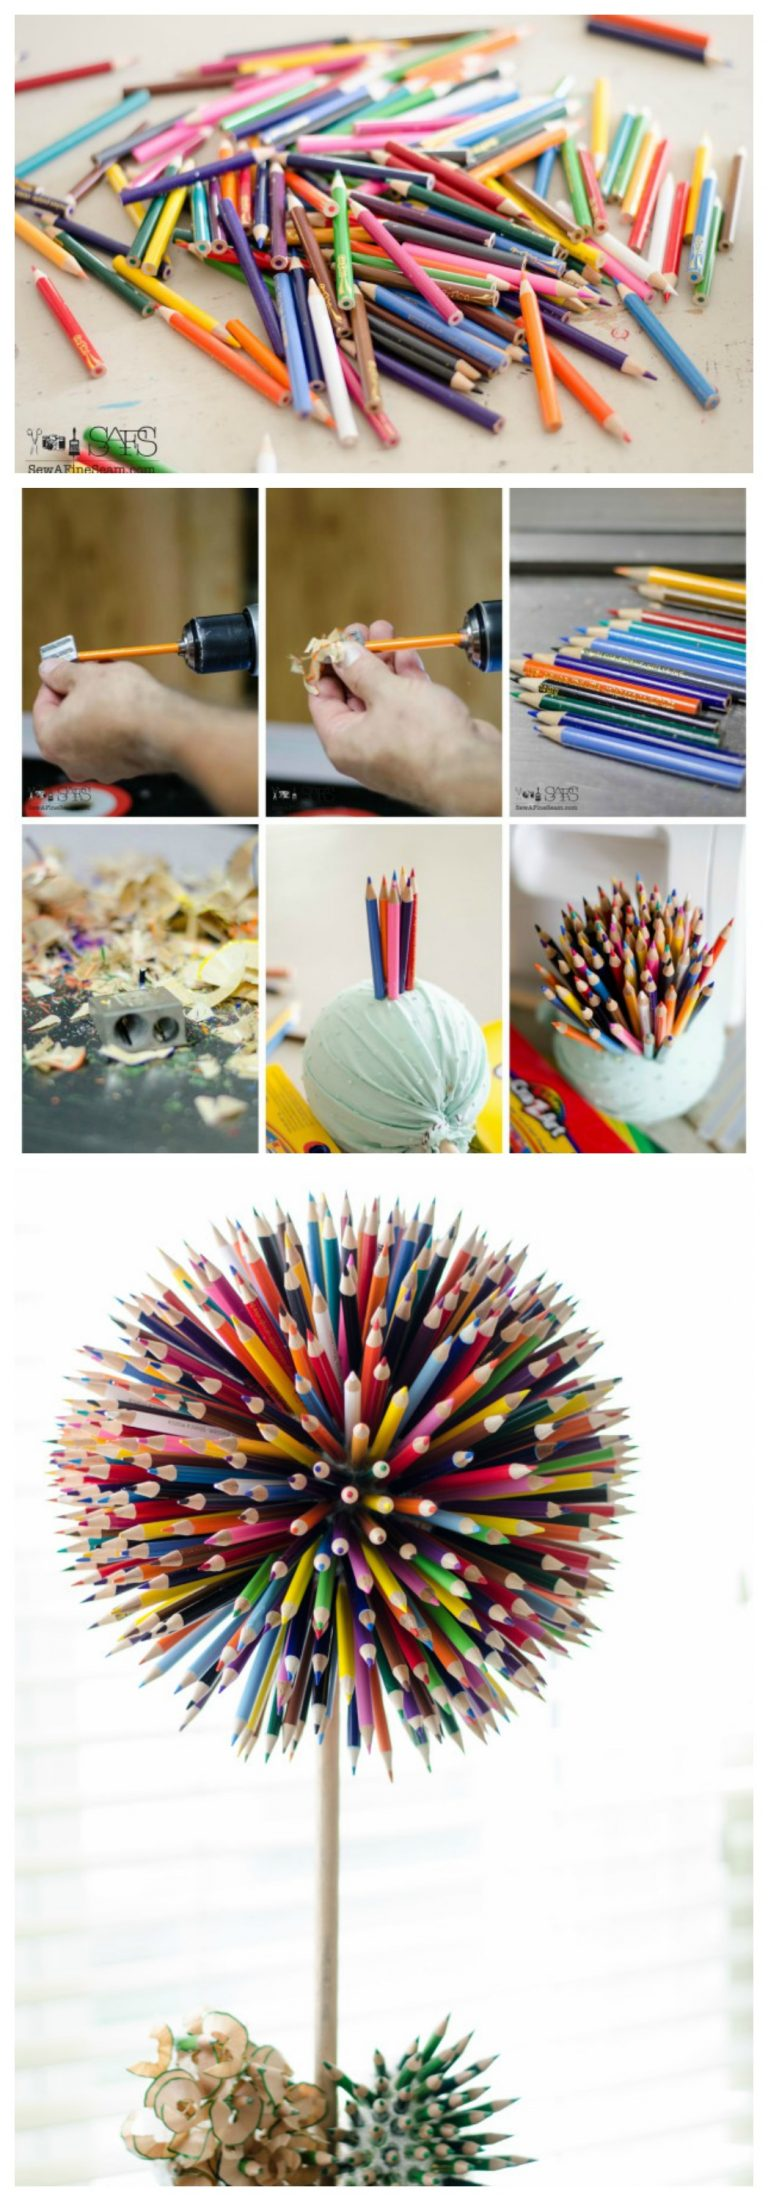 manualidades-reutilizando-lapices-de-colores-7